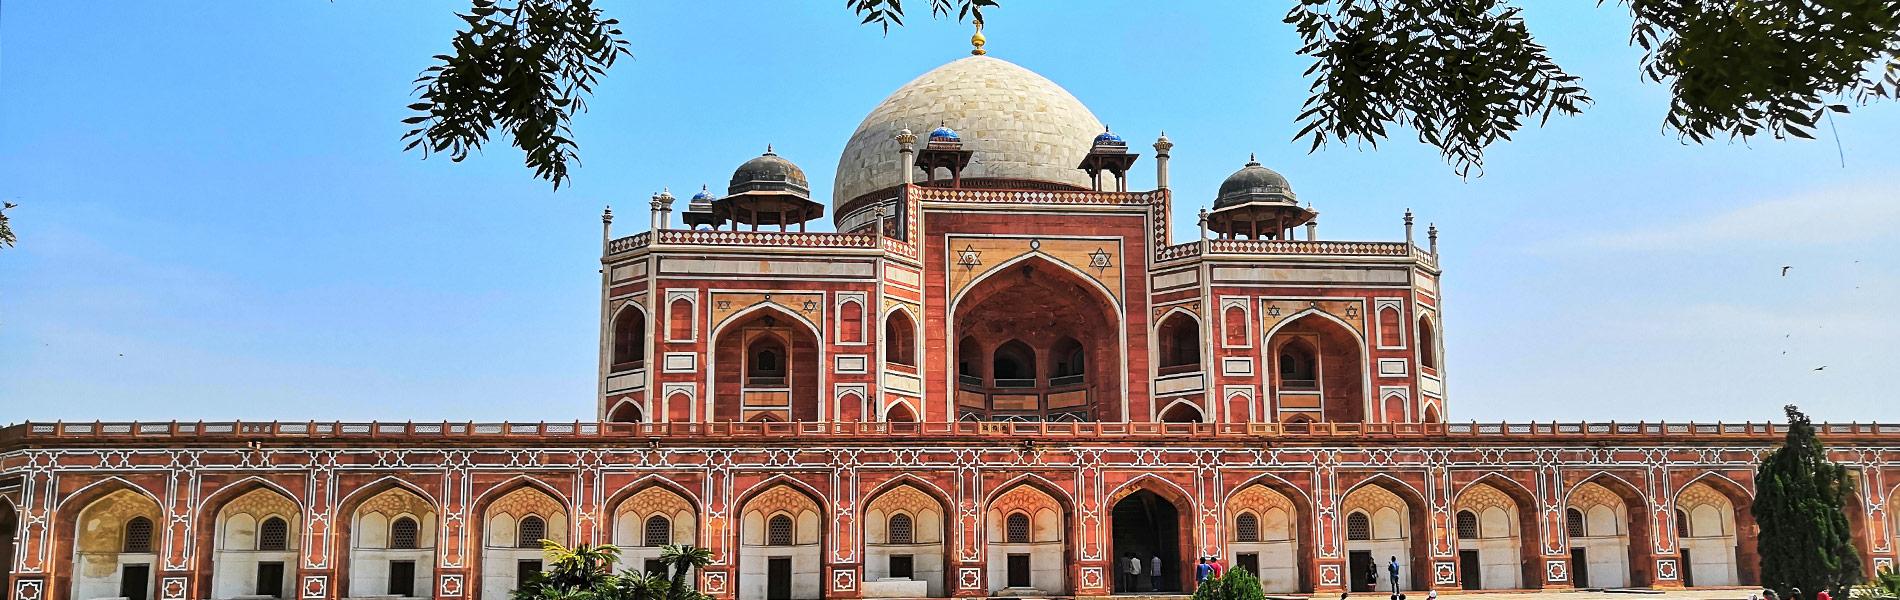 India Humayun Tomb